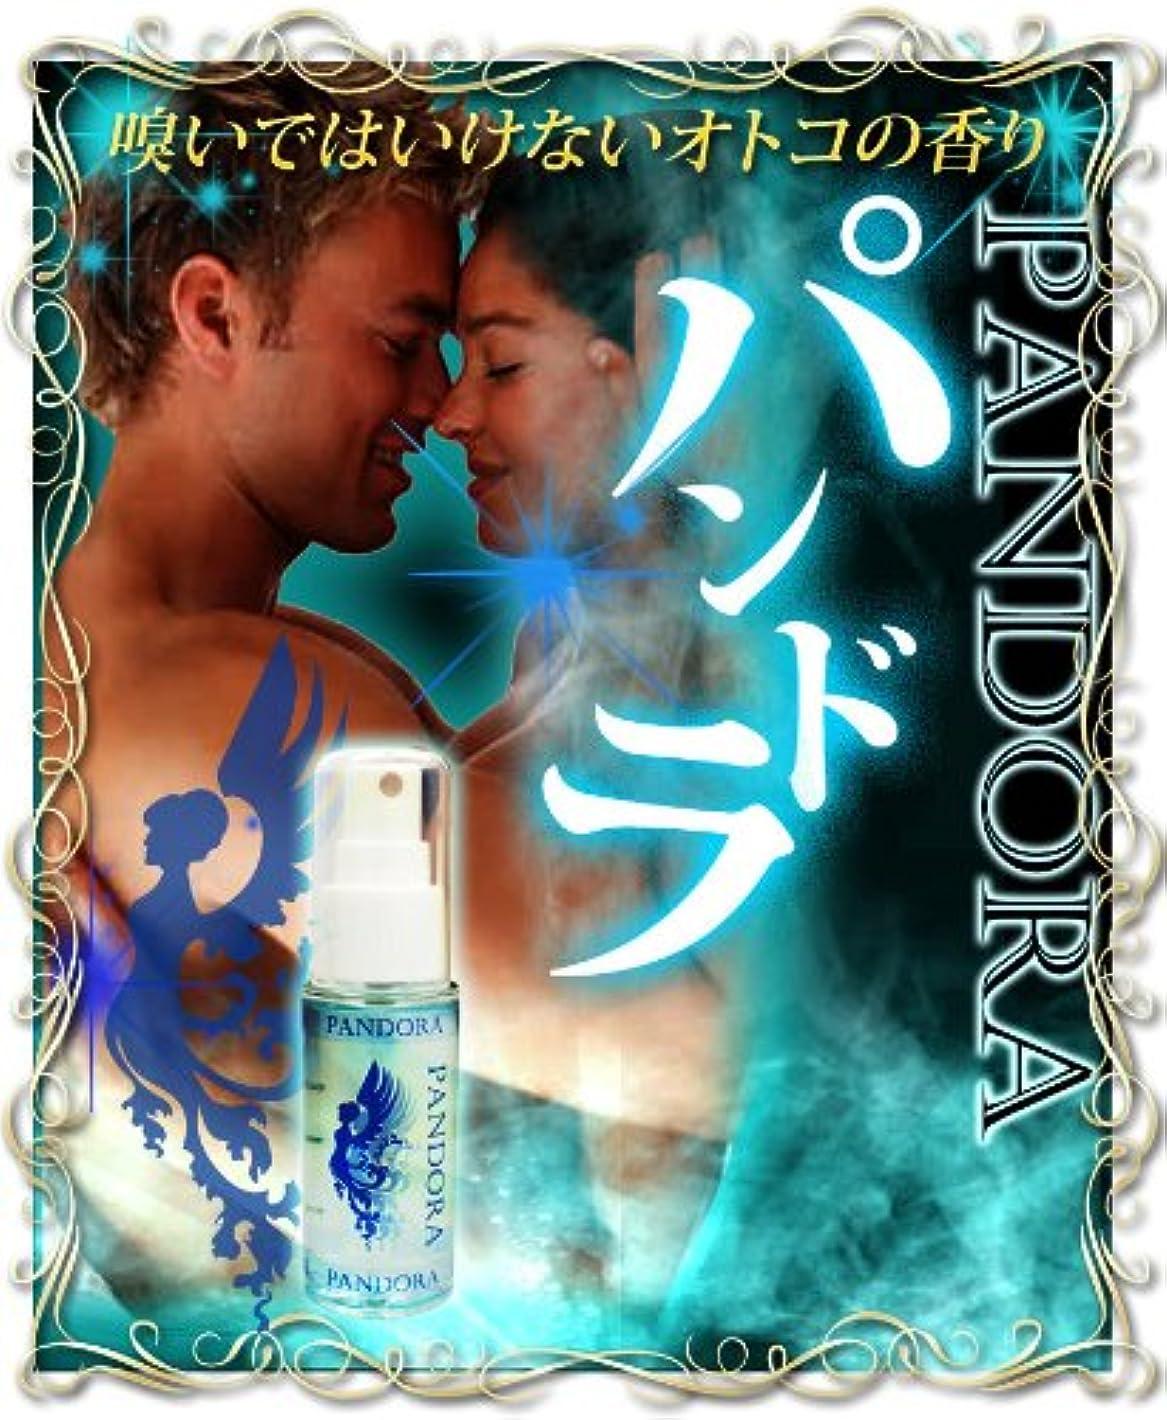 驚き発行する故意のパンドラ (オスモフェロン濃縮配合 男性用フェロモン香水)